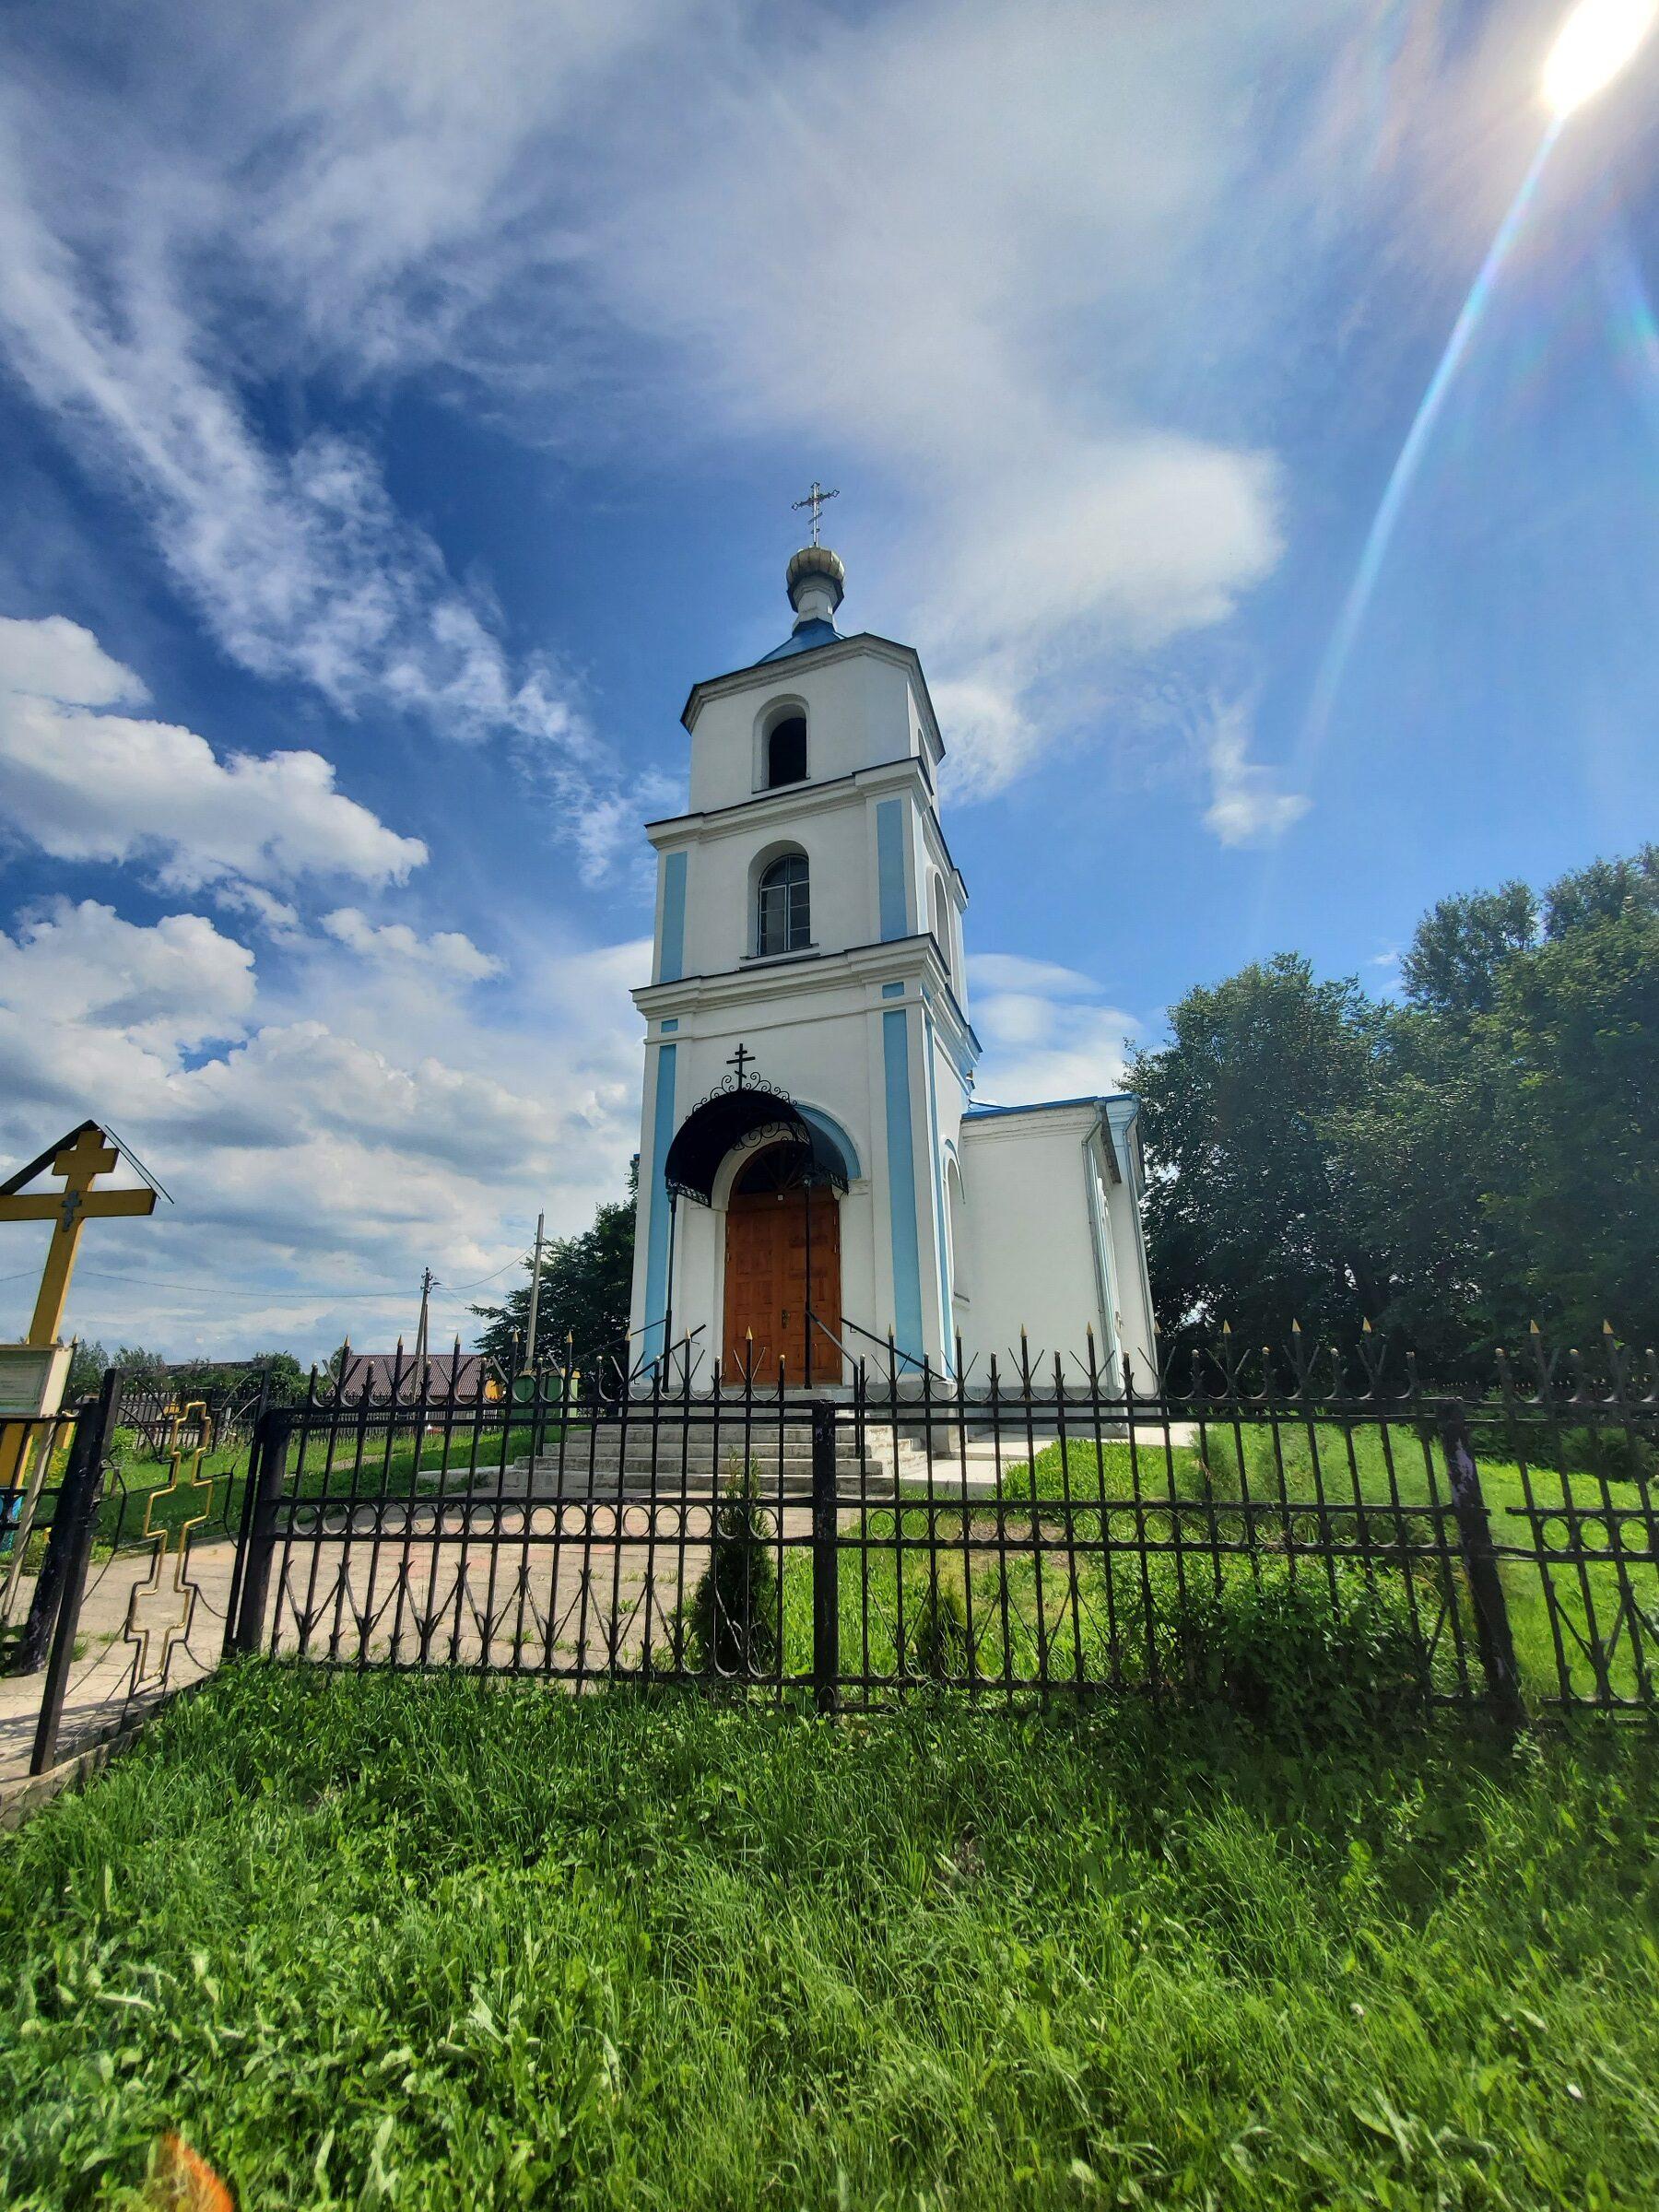 20200705 143353 1 rotated - Церковь Святой Параскевы Пятницы и усадьба Гребницких в Ореховно